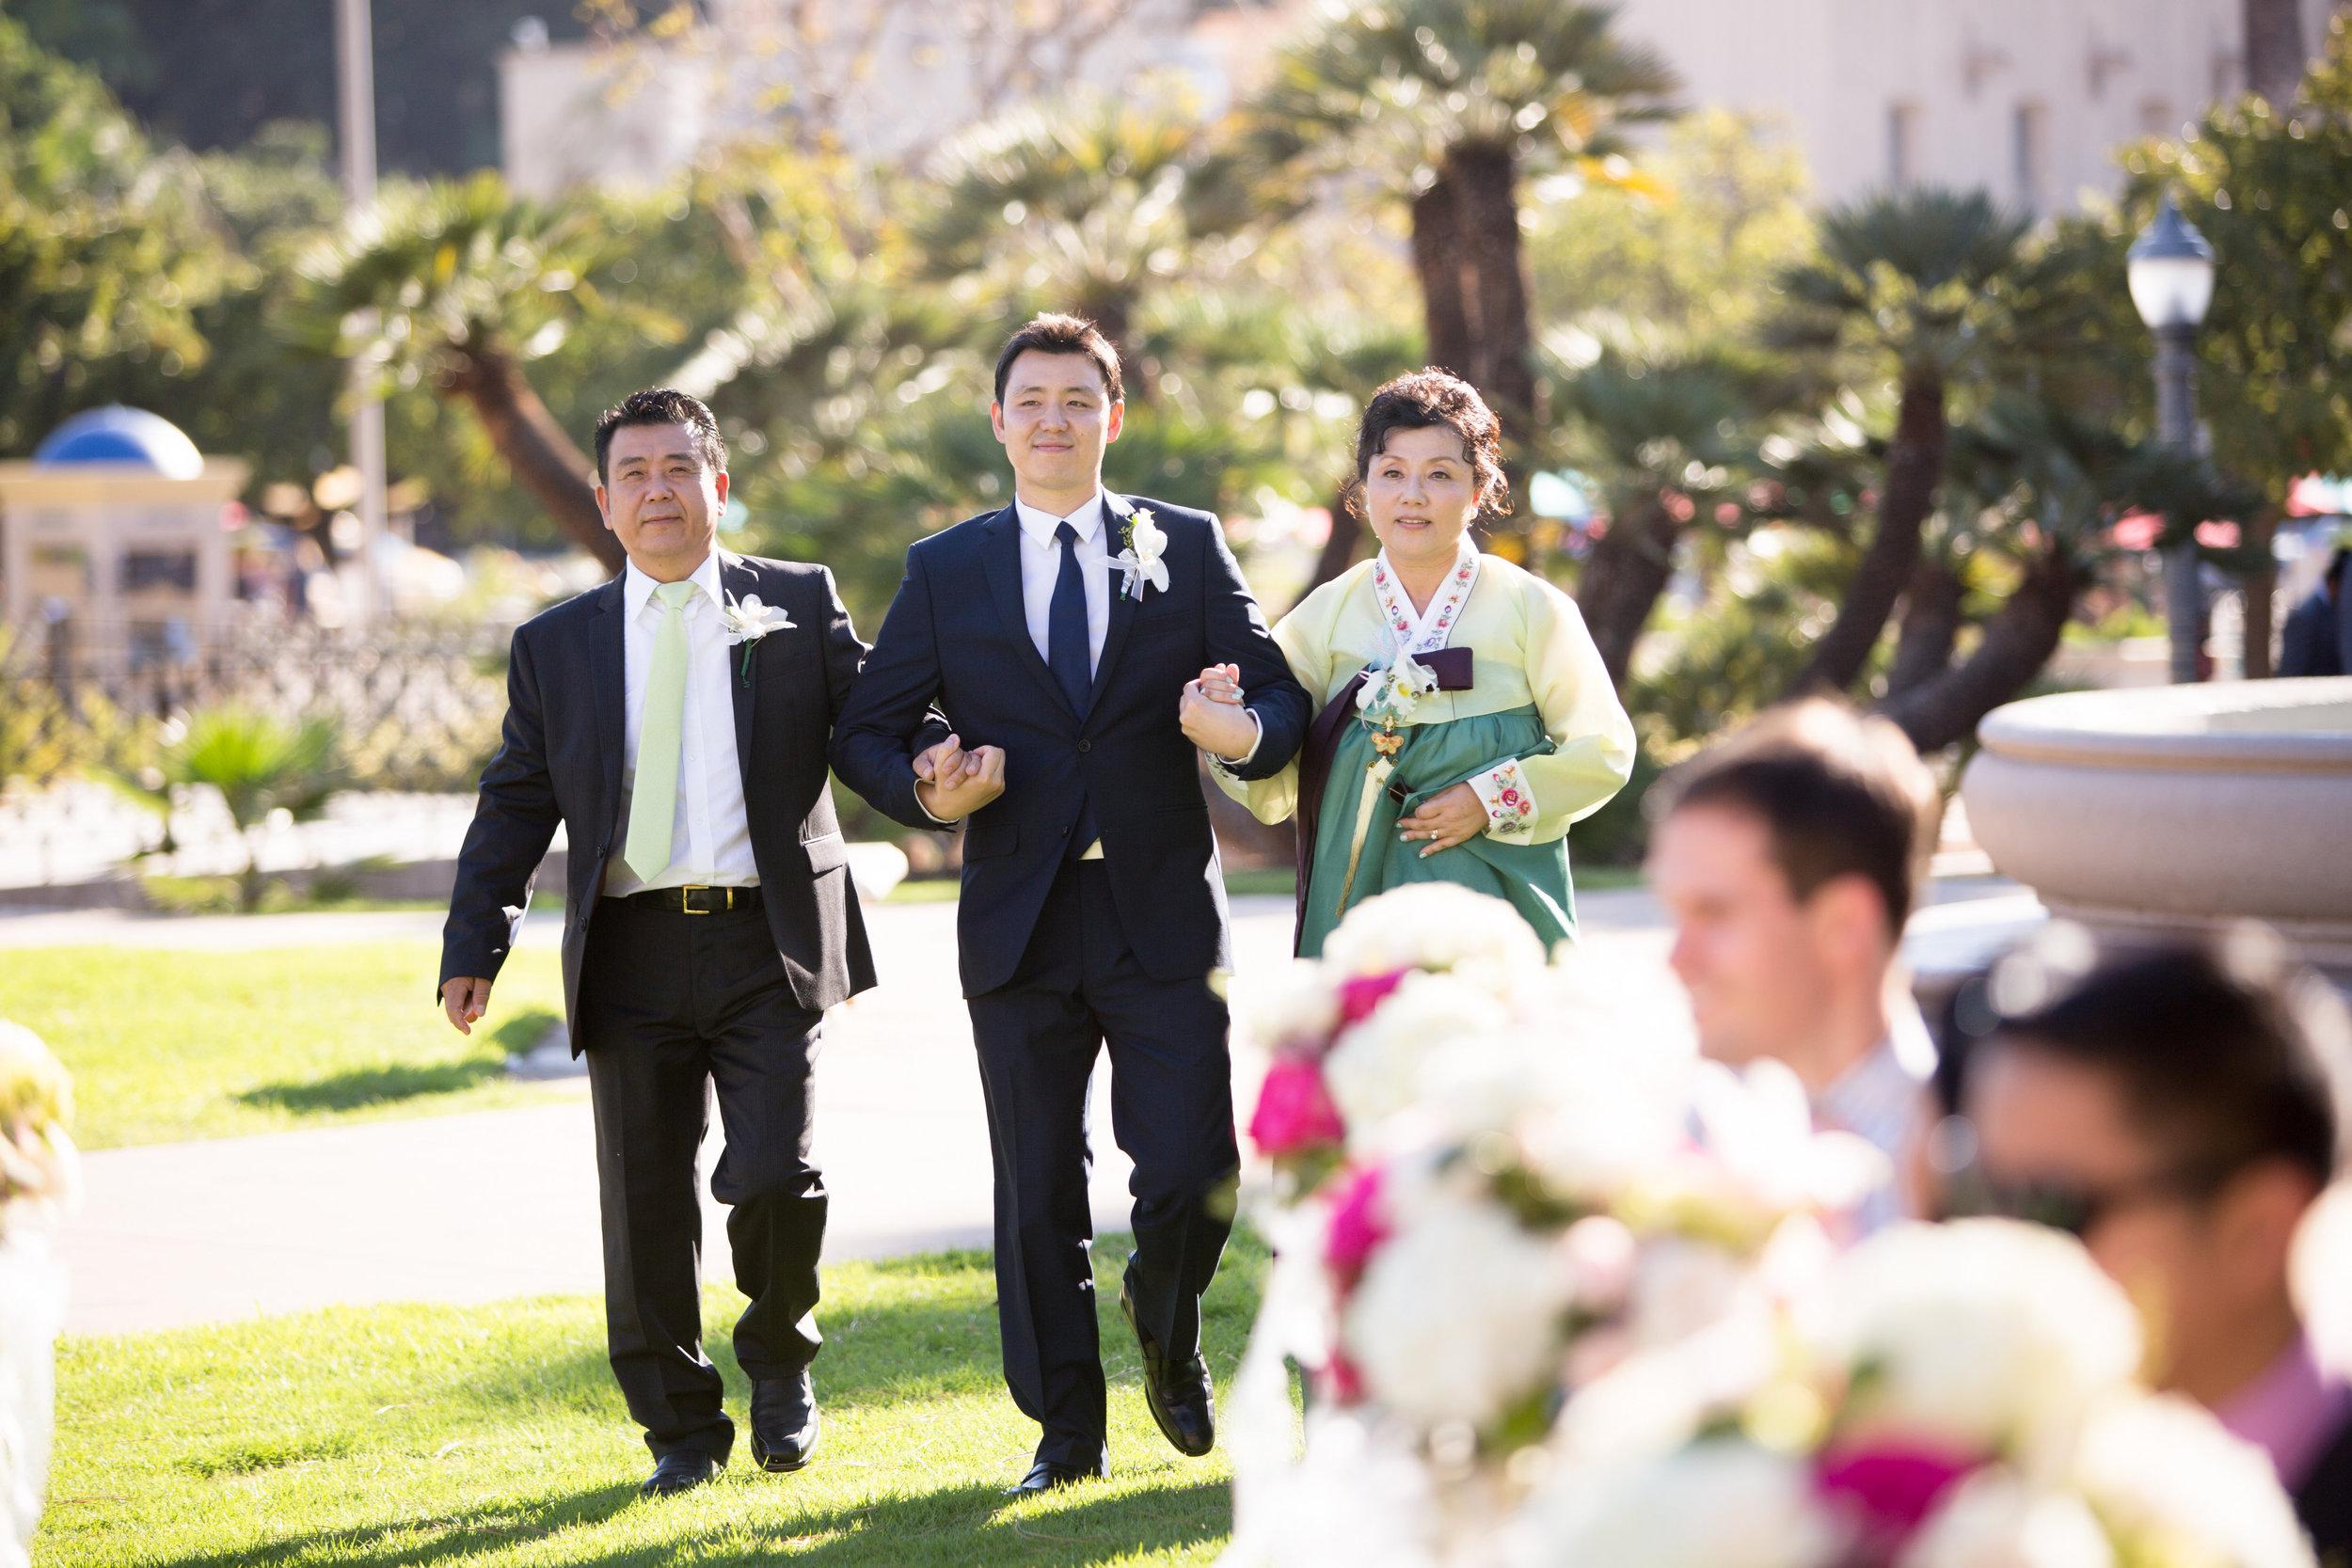 John escorts his parents